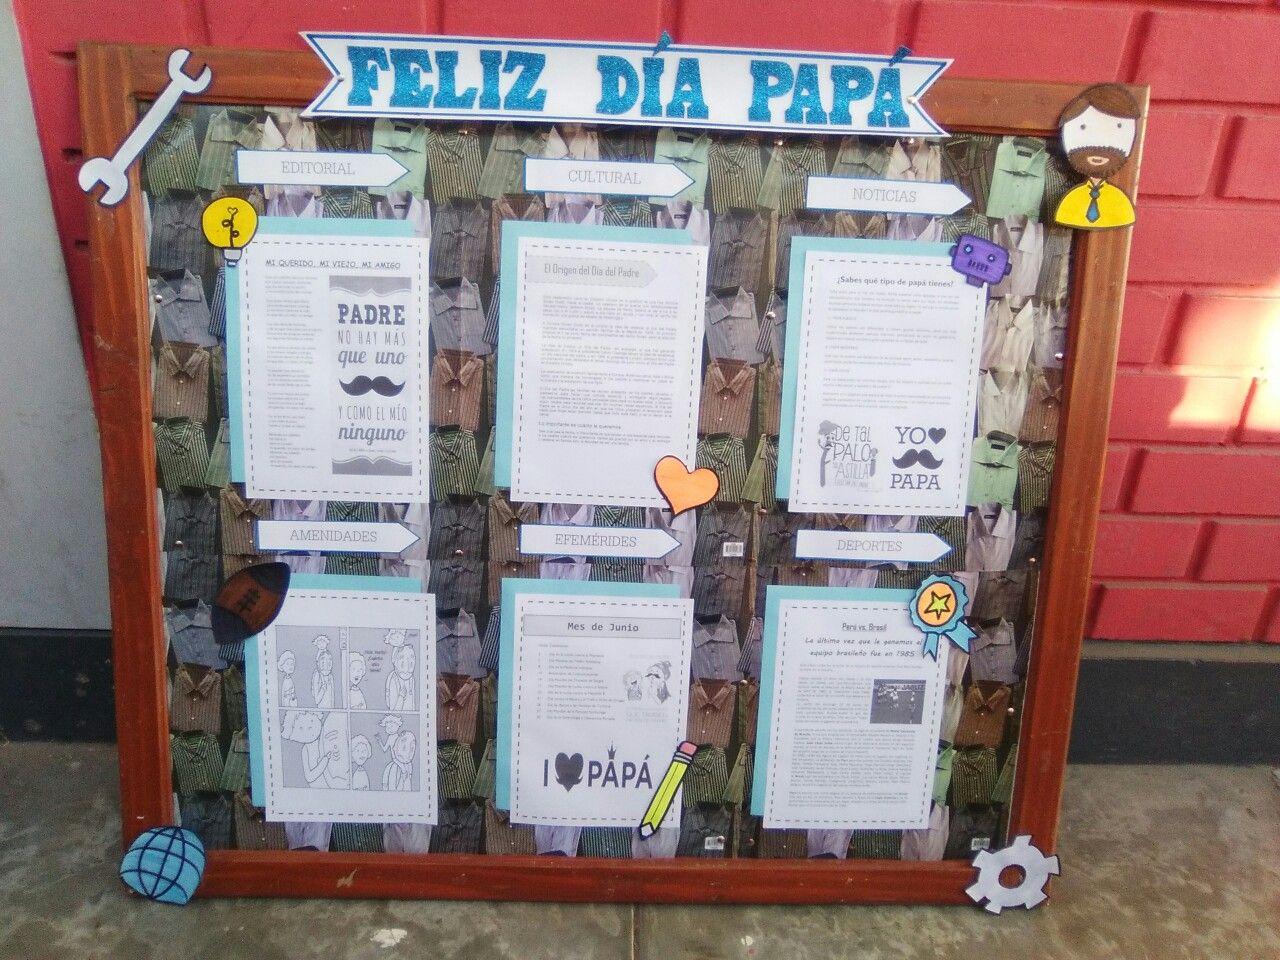 Periodico mural para el dia del padre con los contenidos for Editorial de un periodico mural